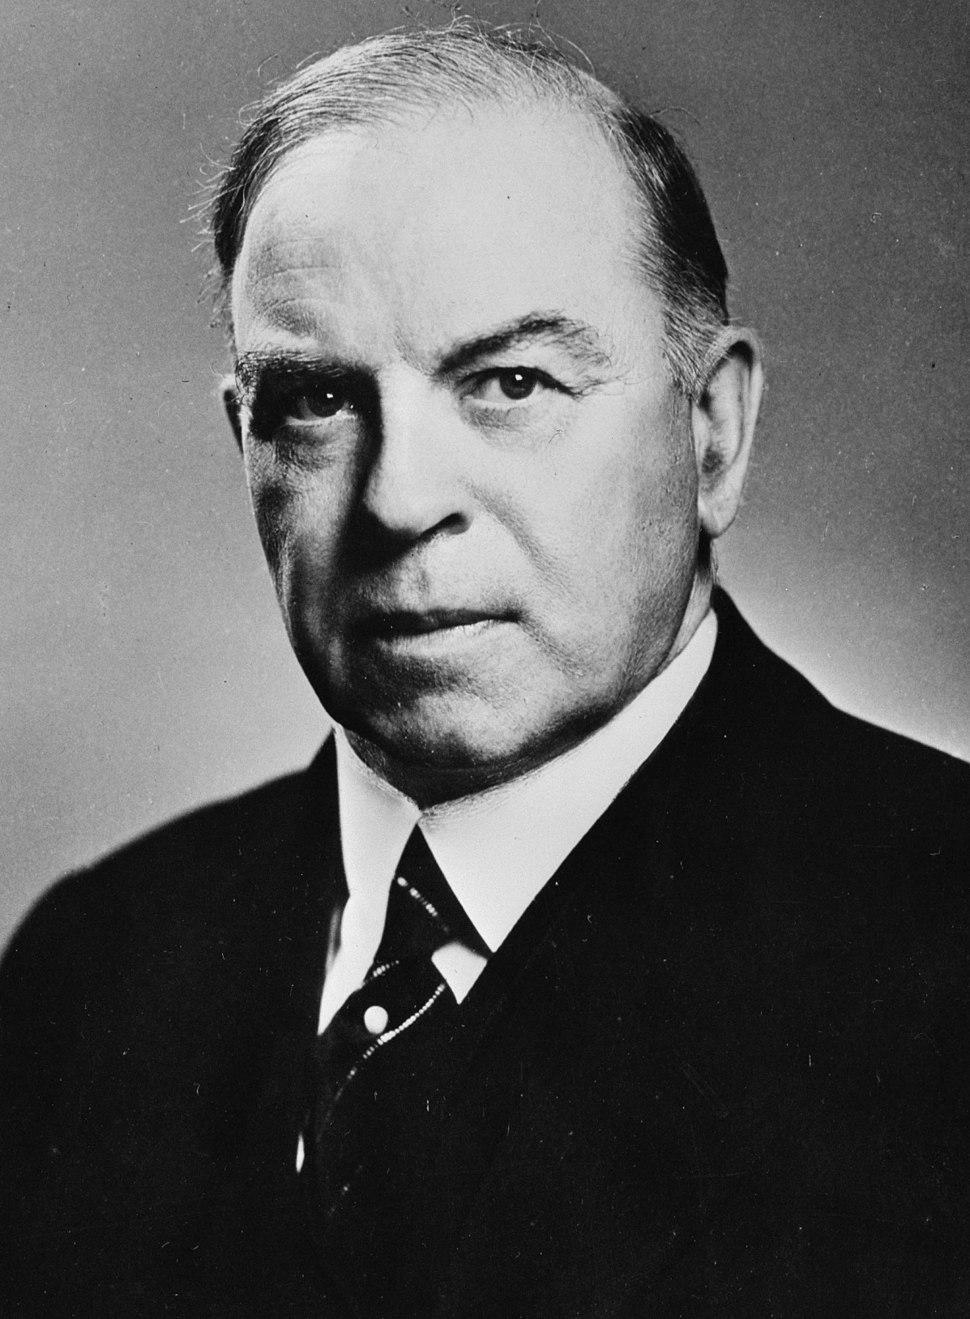 Wm Lyon Mackenzie King